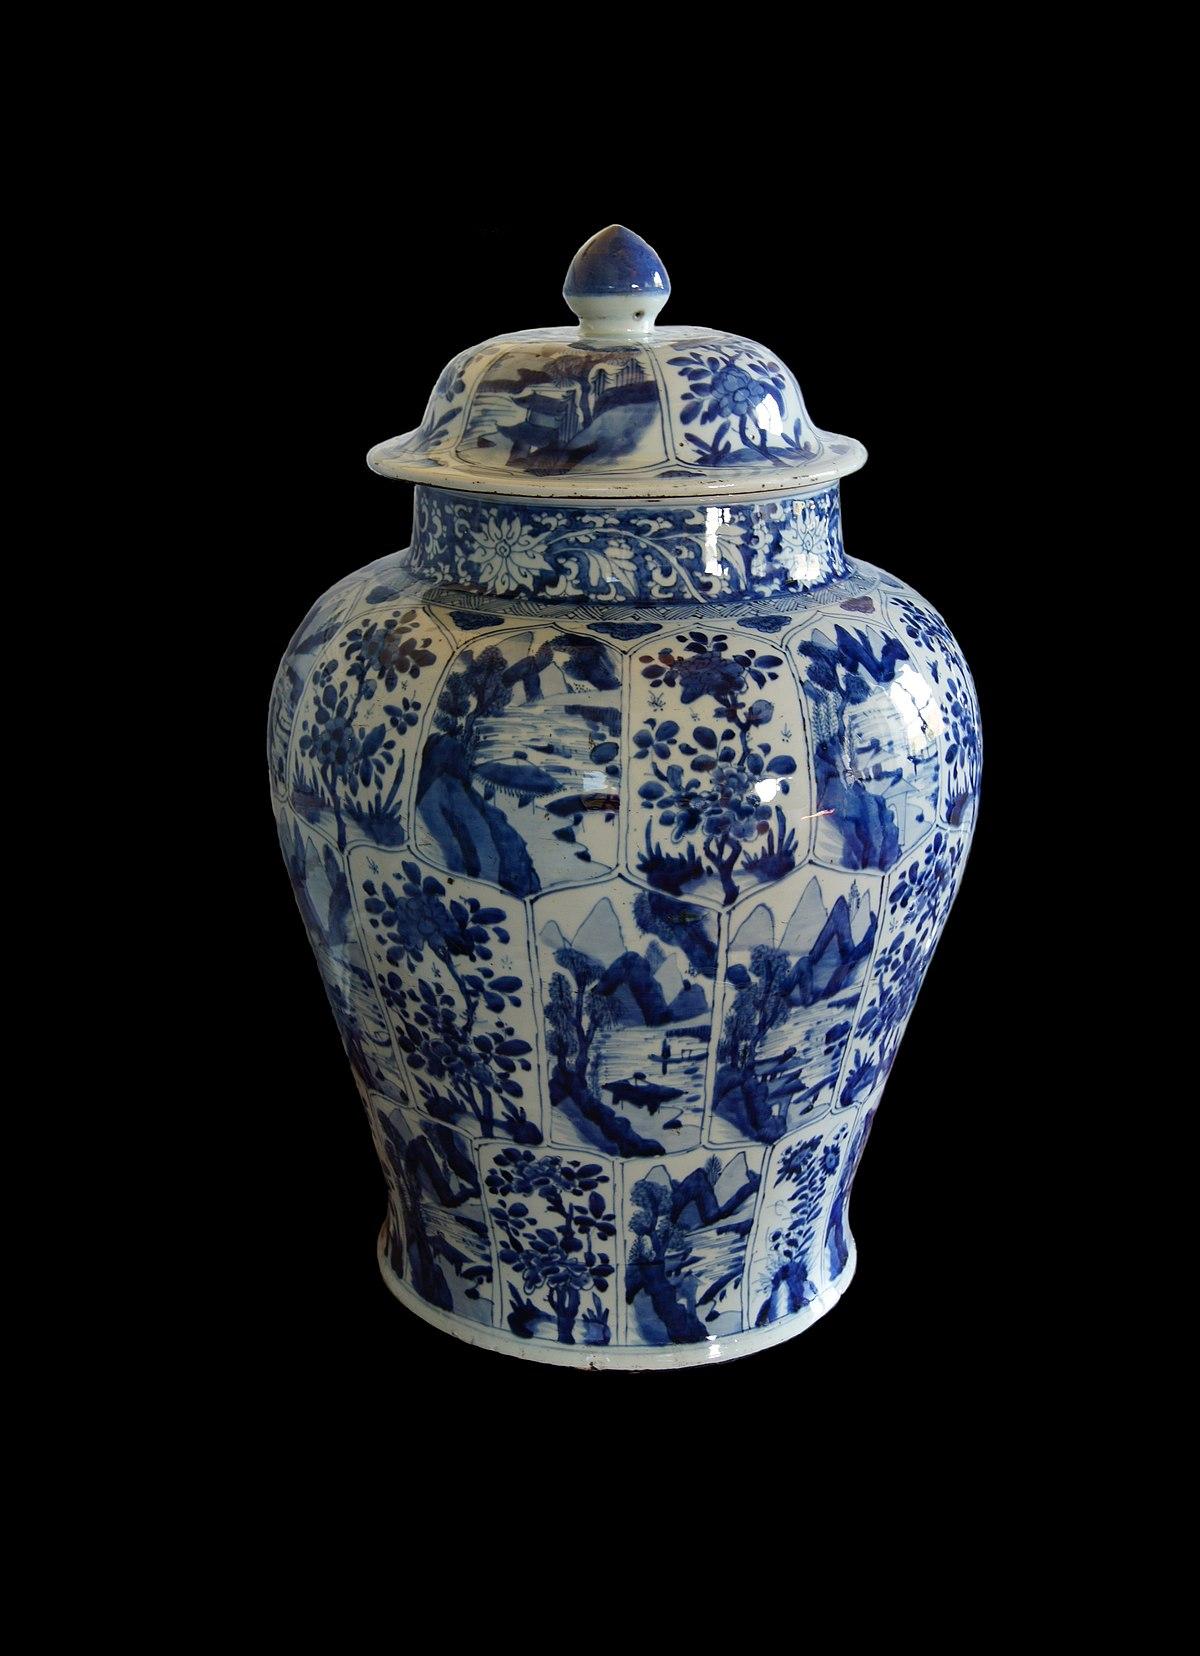 Fajanse z delftu wikipedia wolna encyklopedia for Marcas de vajillas de porcelana